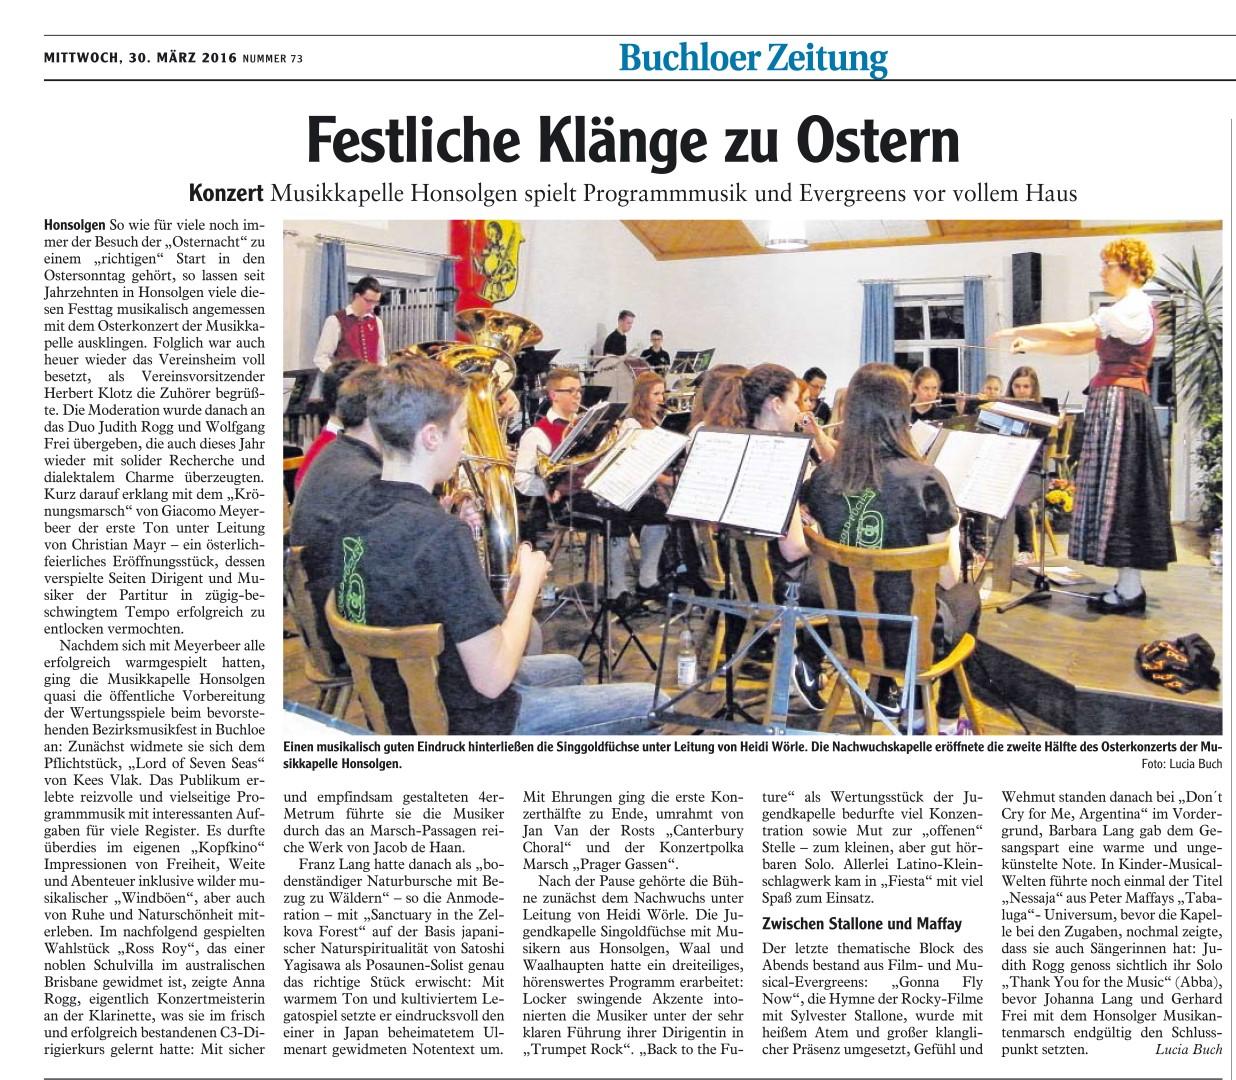 Osterkonzert MK Honsolgen 2016_Bericht aus Buchloer Zeitung